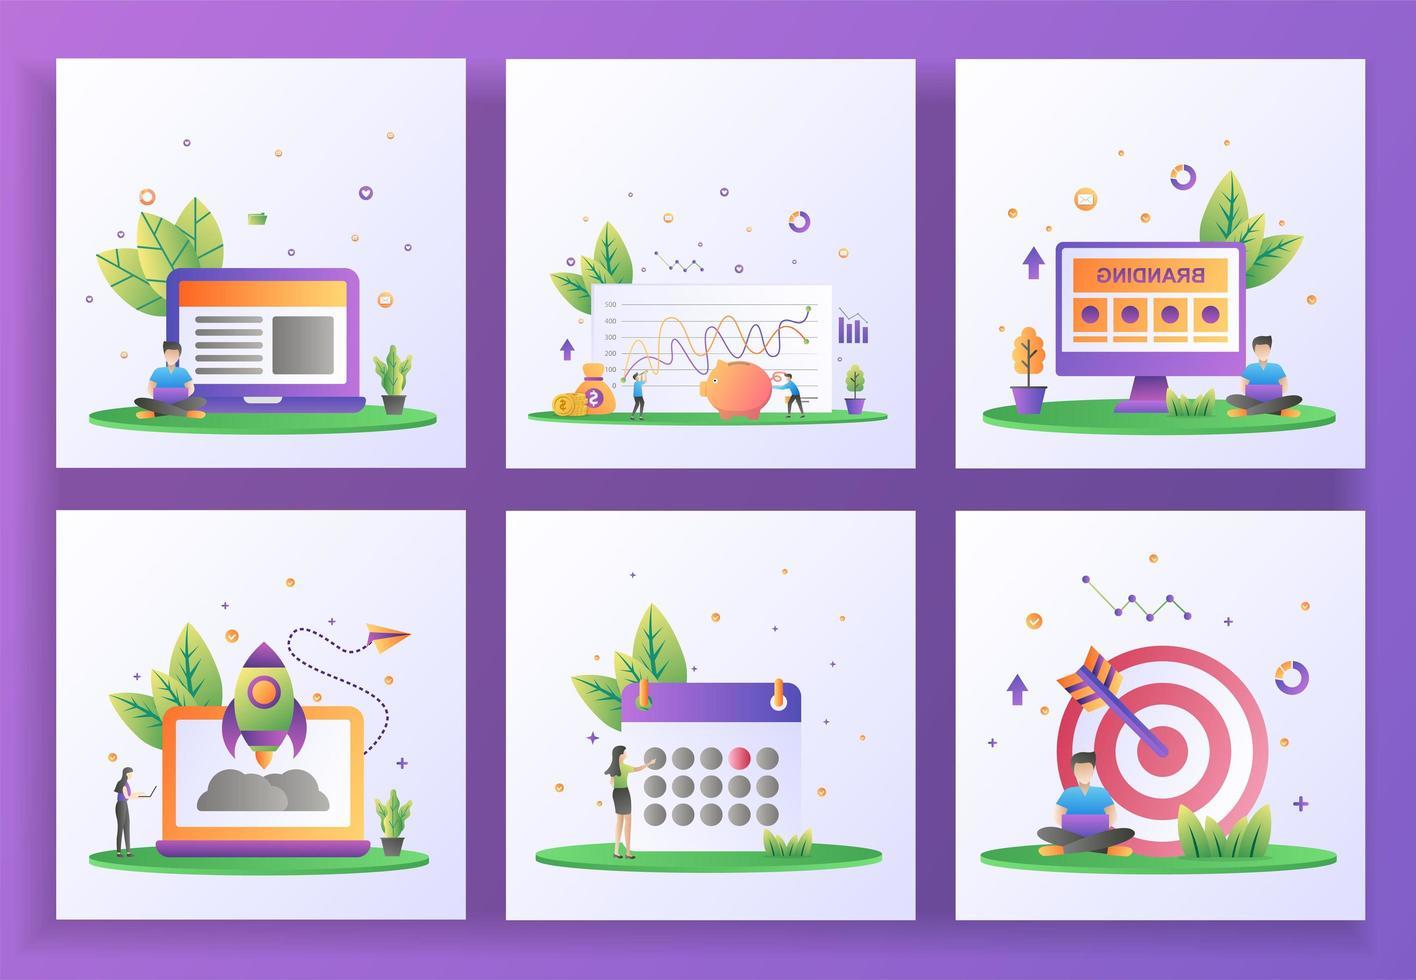 uppsättning platt designkoncept. management, investeringar, branding, startup, schema vektor